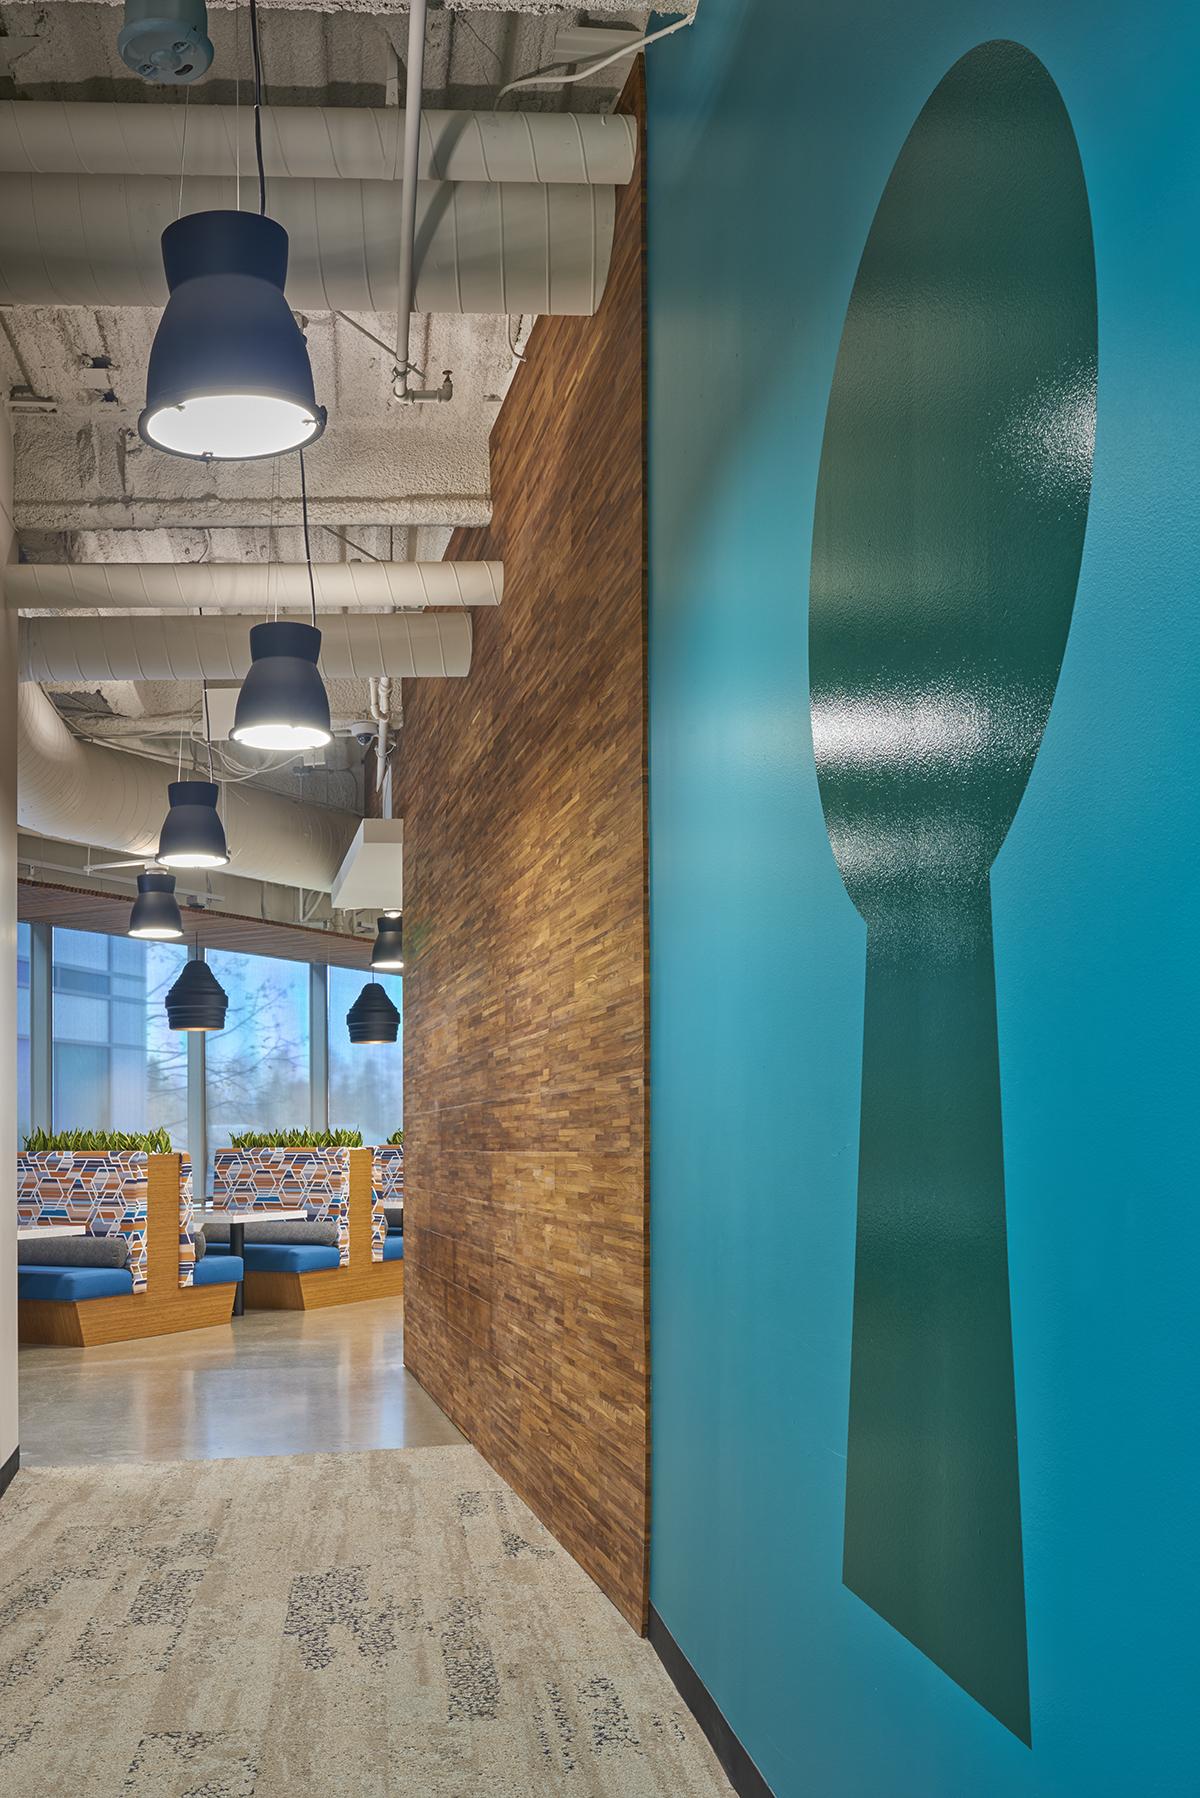 Symantec HQ